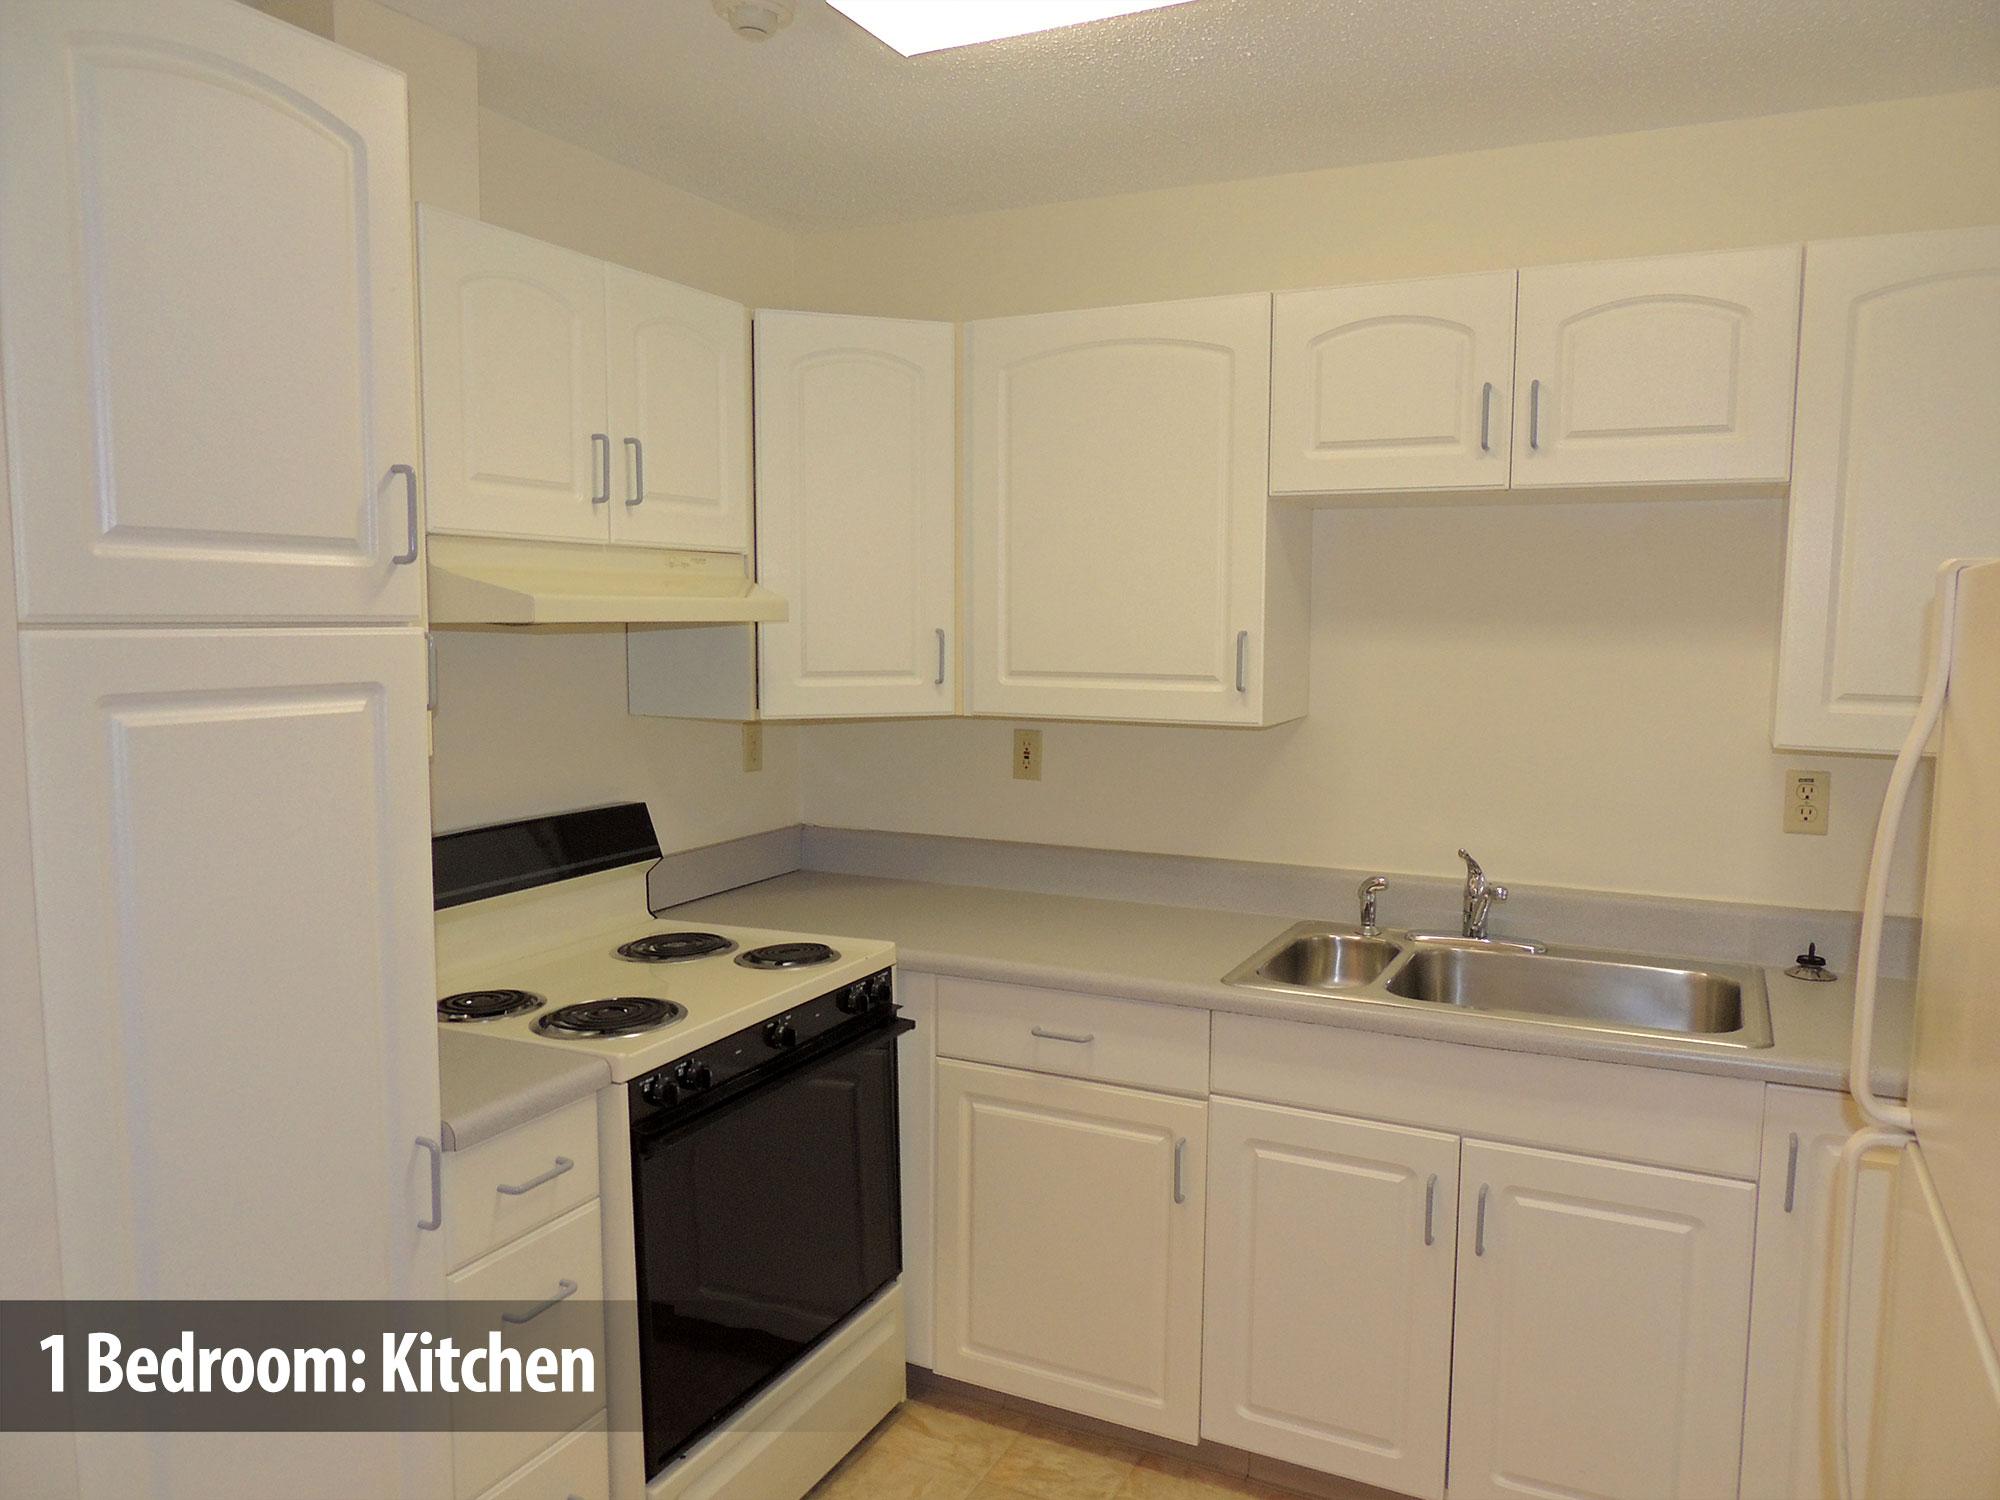 1bedroom-kitchen